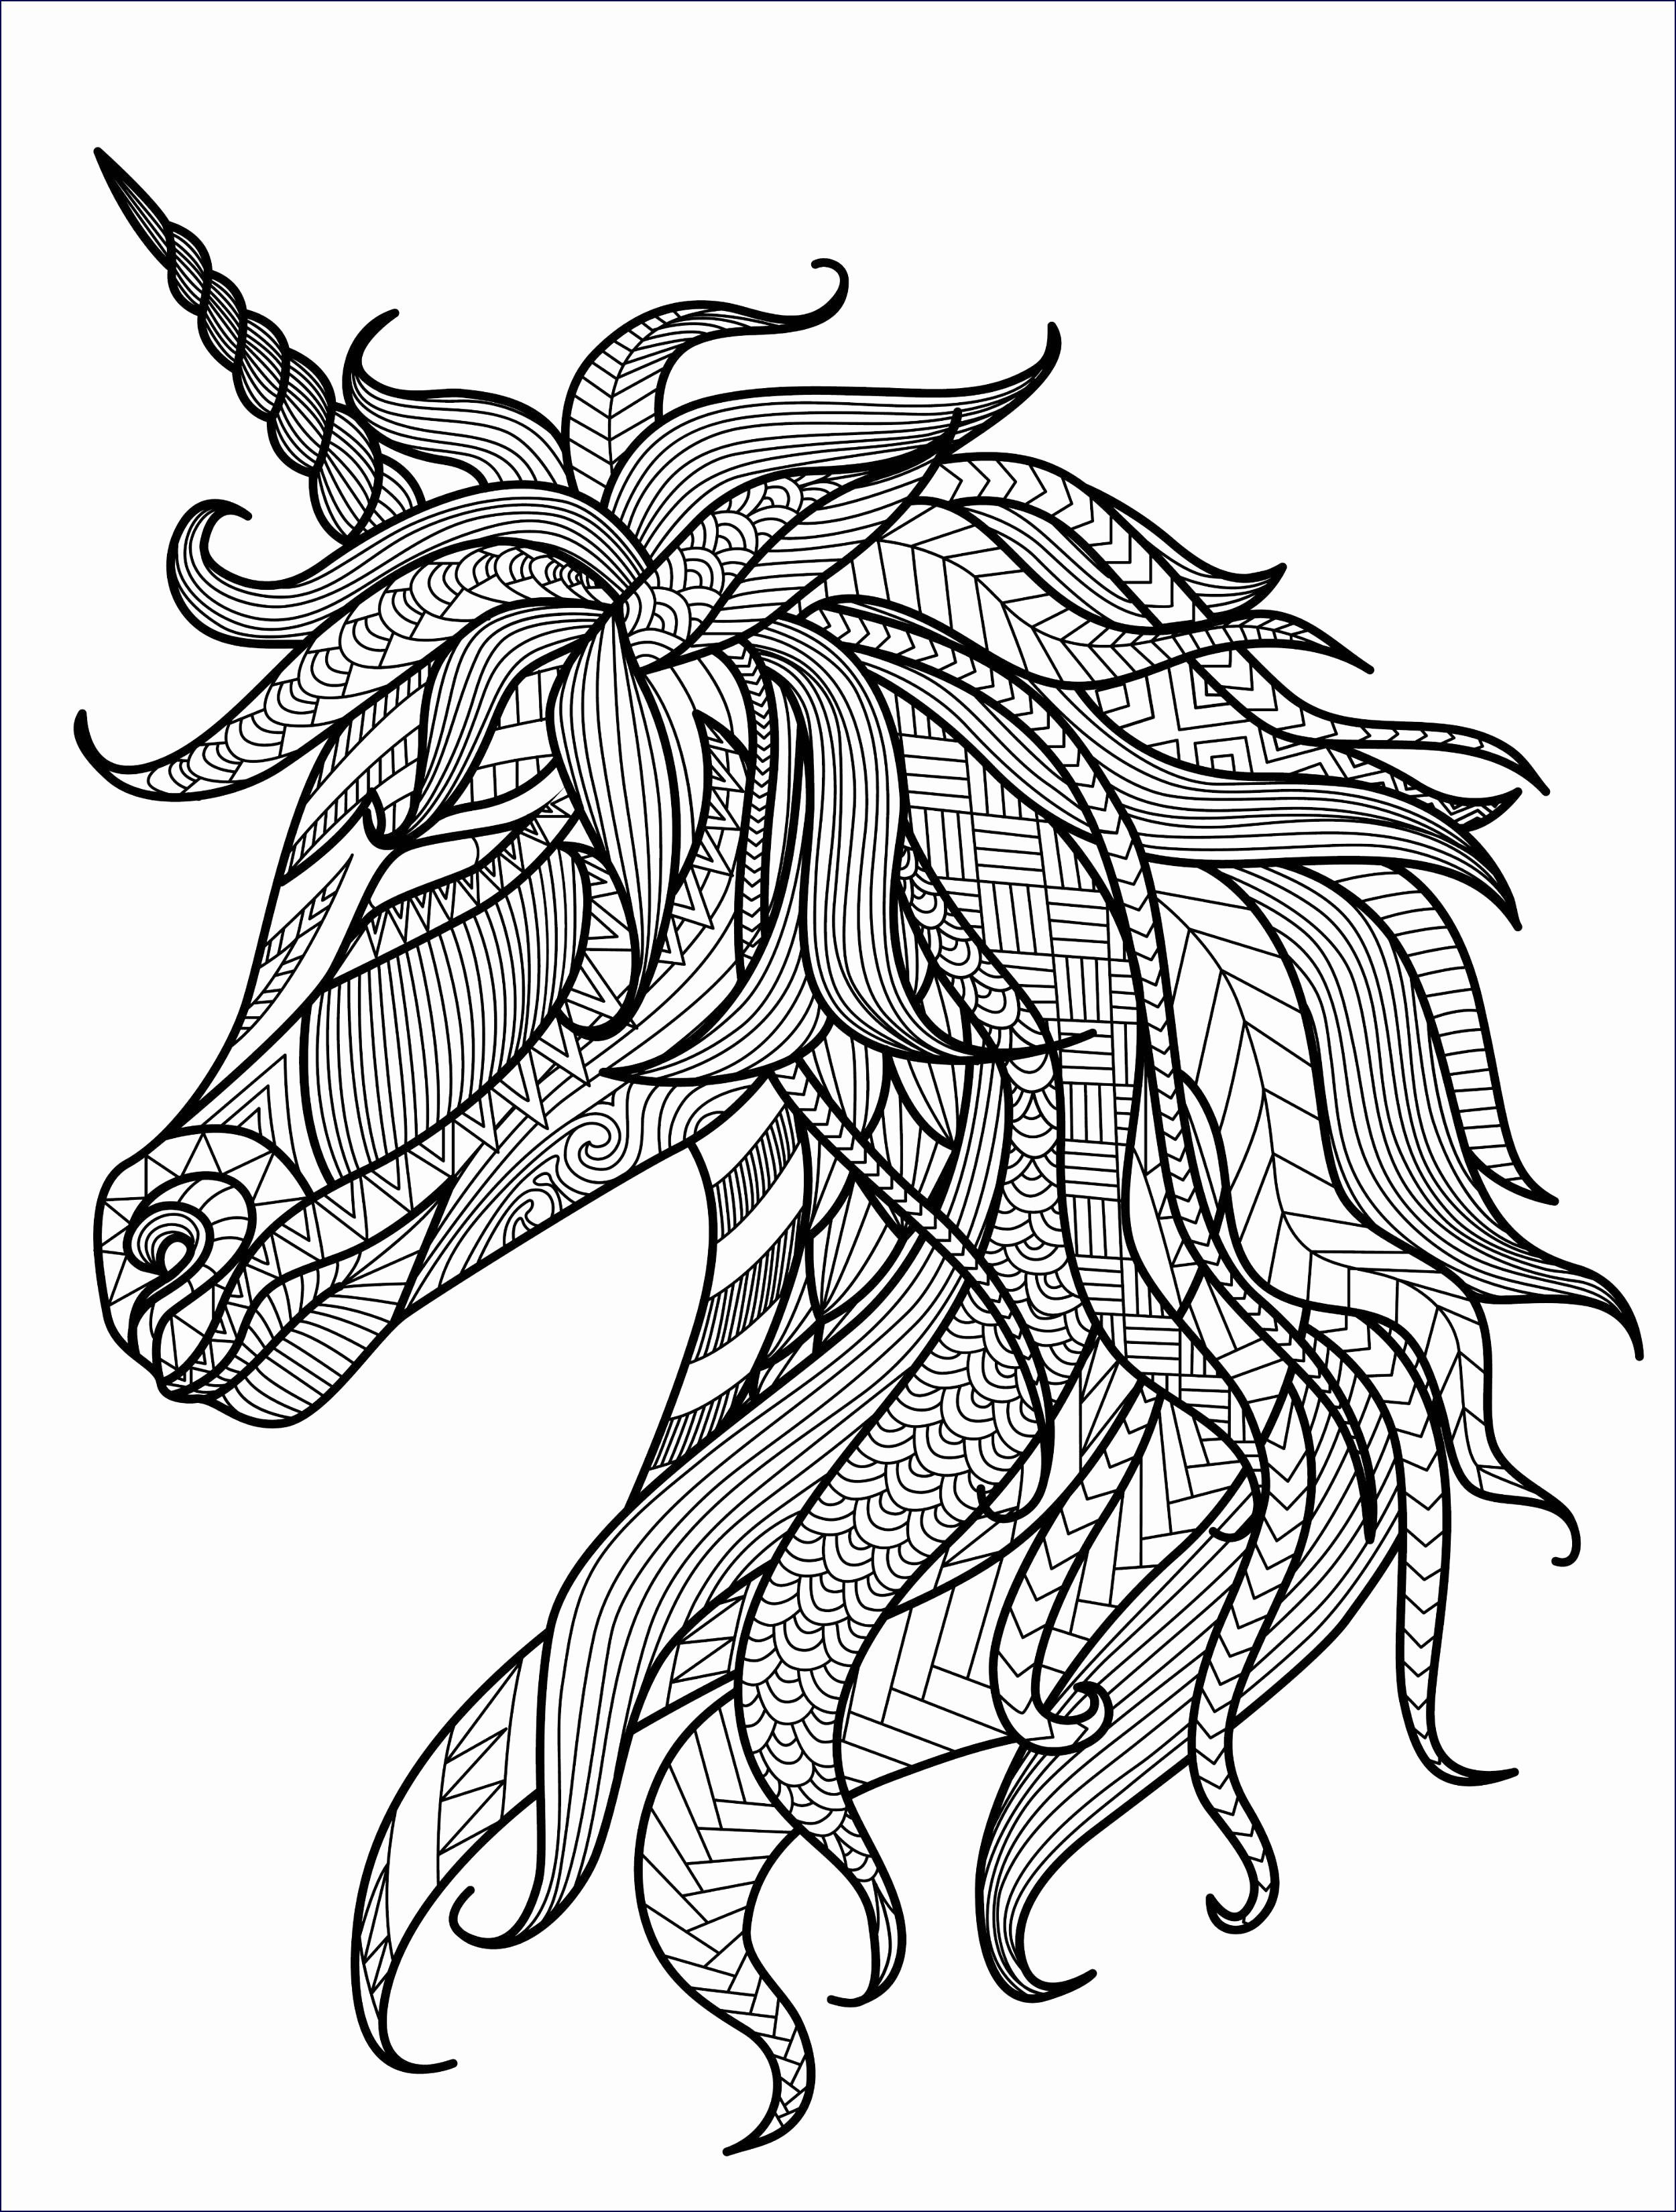 Ausmalbilder Pferde Turnier Frisch 40 Luxus Malvorlagen Pferde Gratis Beste Malvorlage Bild